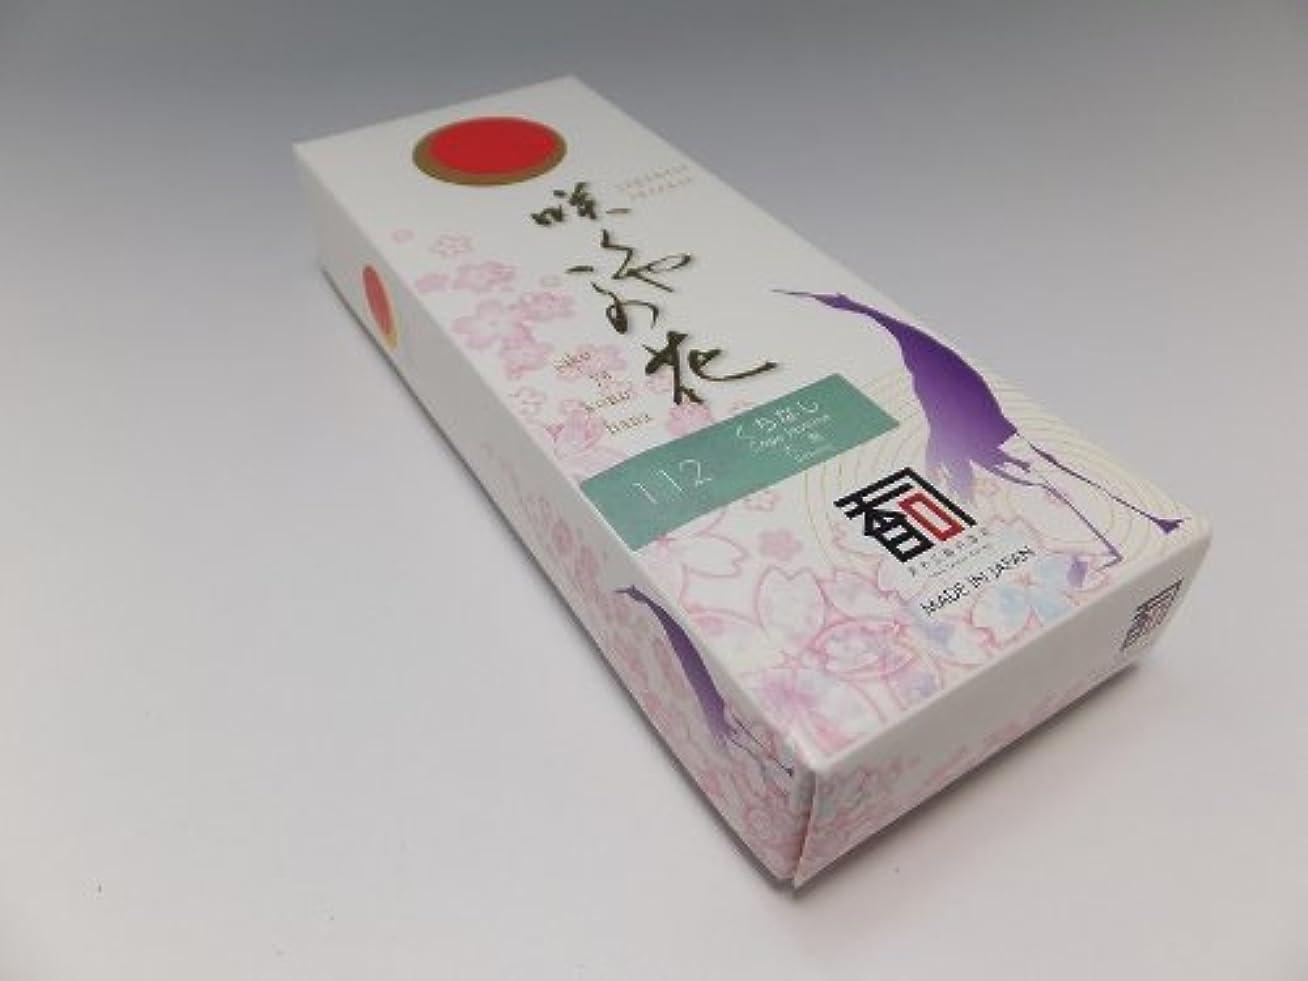 実行可能へこみ労働者「あわじ島の香司」 日本の香りシリーズ  [咲くや この花] 【112】 くちなし (有煙)